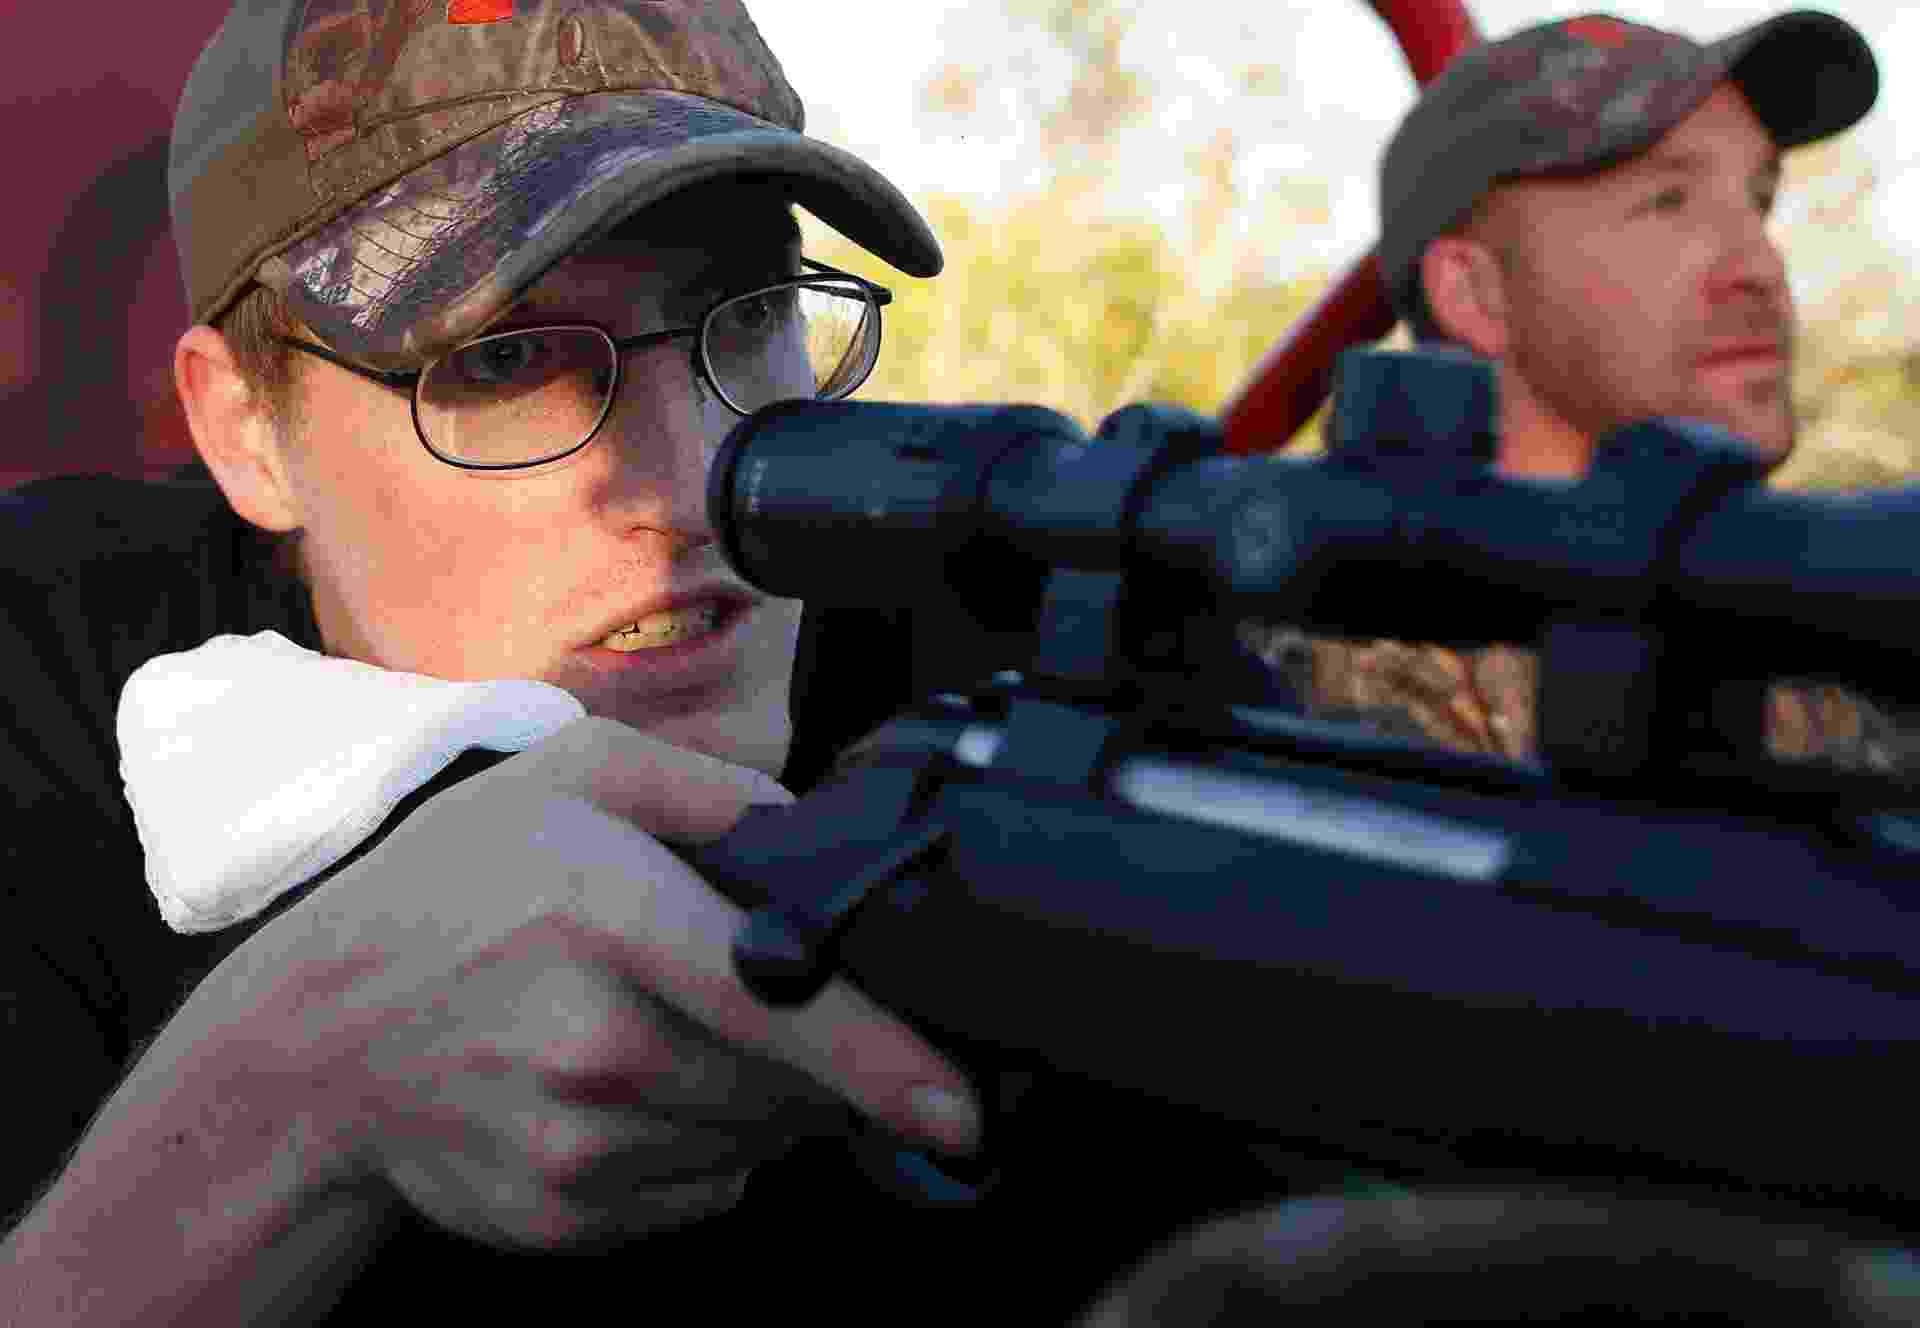 22.nov.2013 - O sargento Matt Krumwiede aponta arma ao lado do sargento Jesse McCart, que usa próteses, durante caça em um rancho nos arredores de San Antonio, no Texas, em 2 de Novembro de 2013. O oficial de 22 anos, que já passou por 40 cirurgias, perdeu as duas pernas ao pisar em um IED (dispositivo explosivo improvisado, em inglês) quando fazia patrulha no sul do Afeganistão, em 12 de junho de 2012. O artefato arrancou as suas duas pernas, danificou o seu braço esquerdo e rasgou a sua cavidade abdominal. Apesar do que viveu, ele diz estar ansioso para se juntar à infantaria, assim que seus ferimentos permitirem. As tropas norte-americanas estão no Afeganistão desde 2001 - Jim Urquhart/Reuters